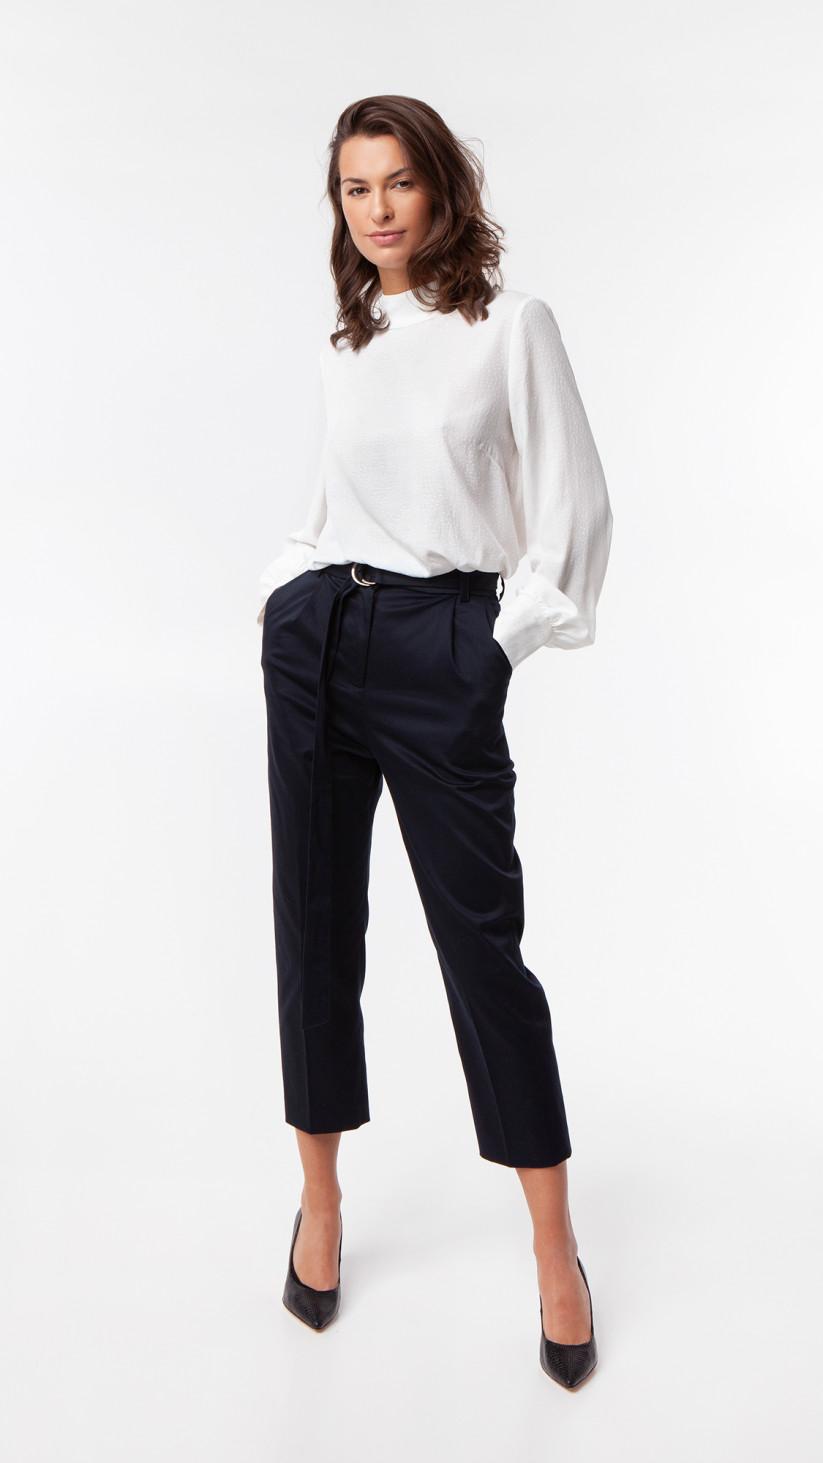 Bluzka Kelly | Off White | Bluzka z bufiastym rękawem